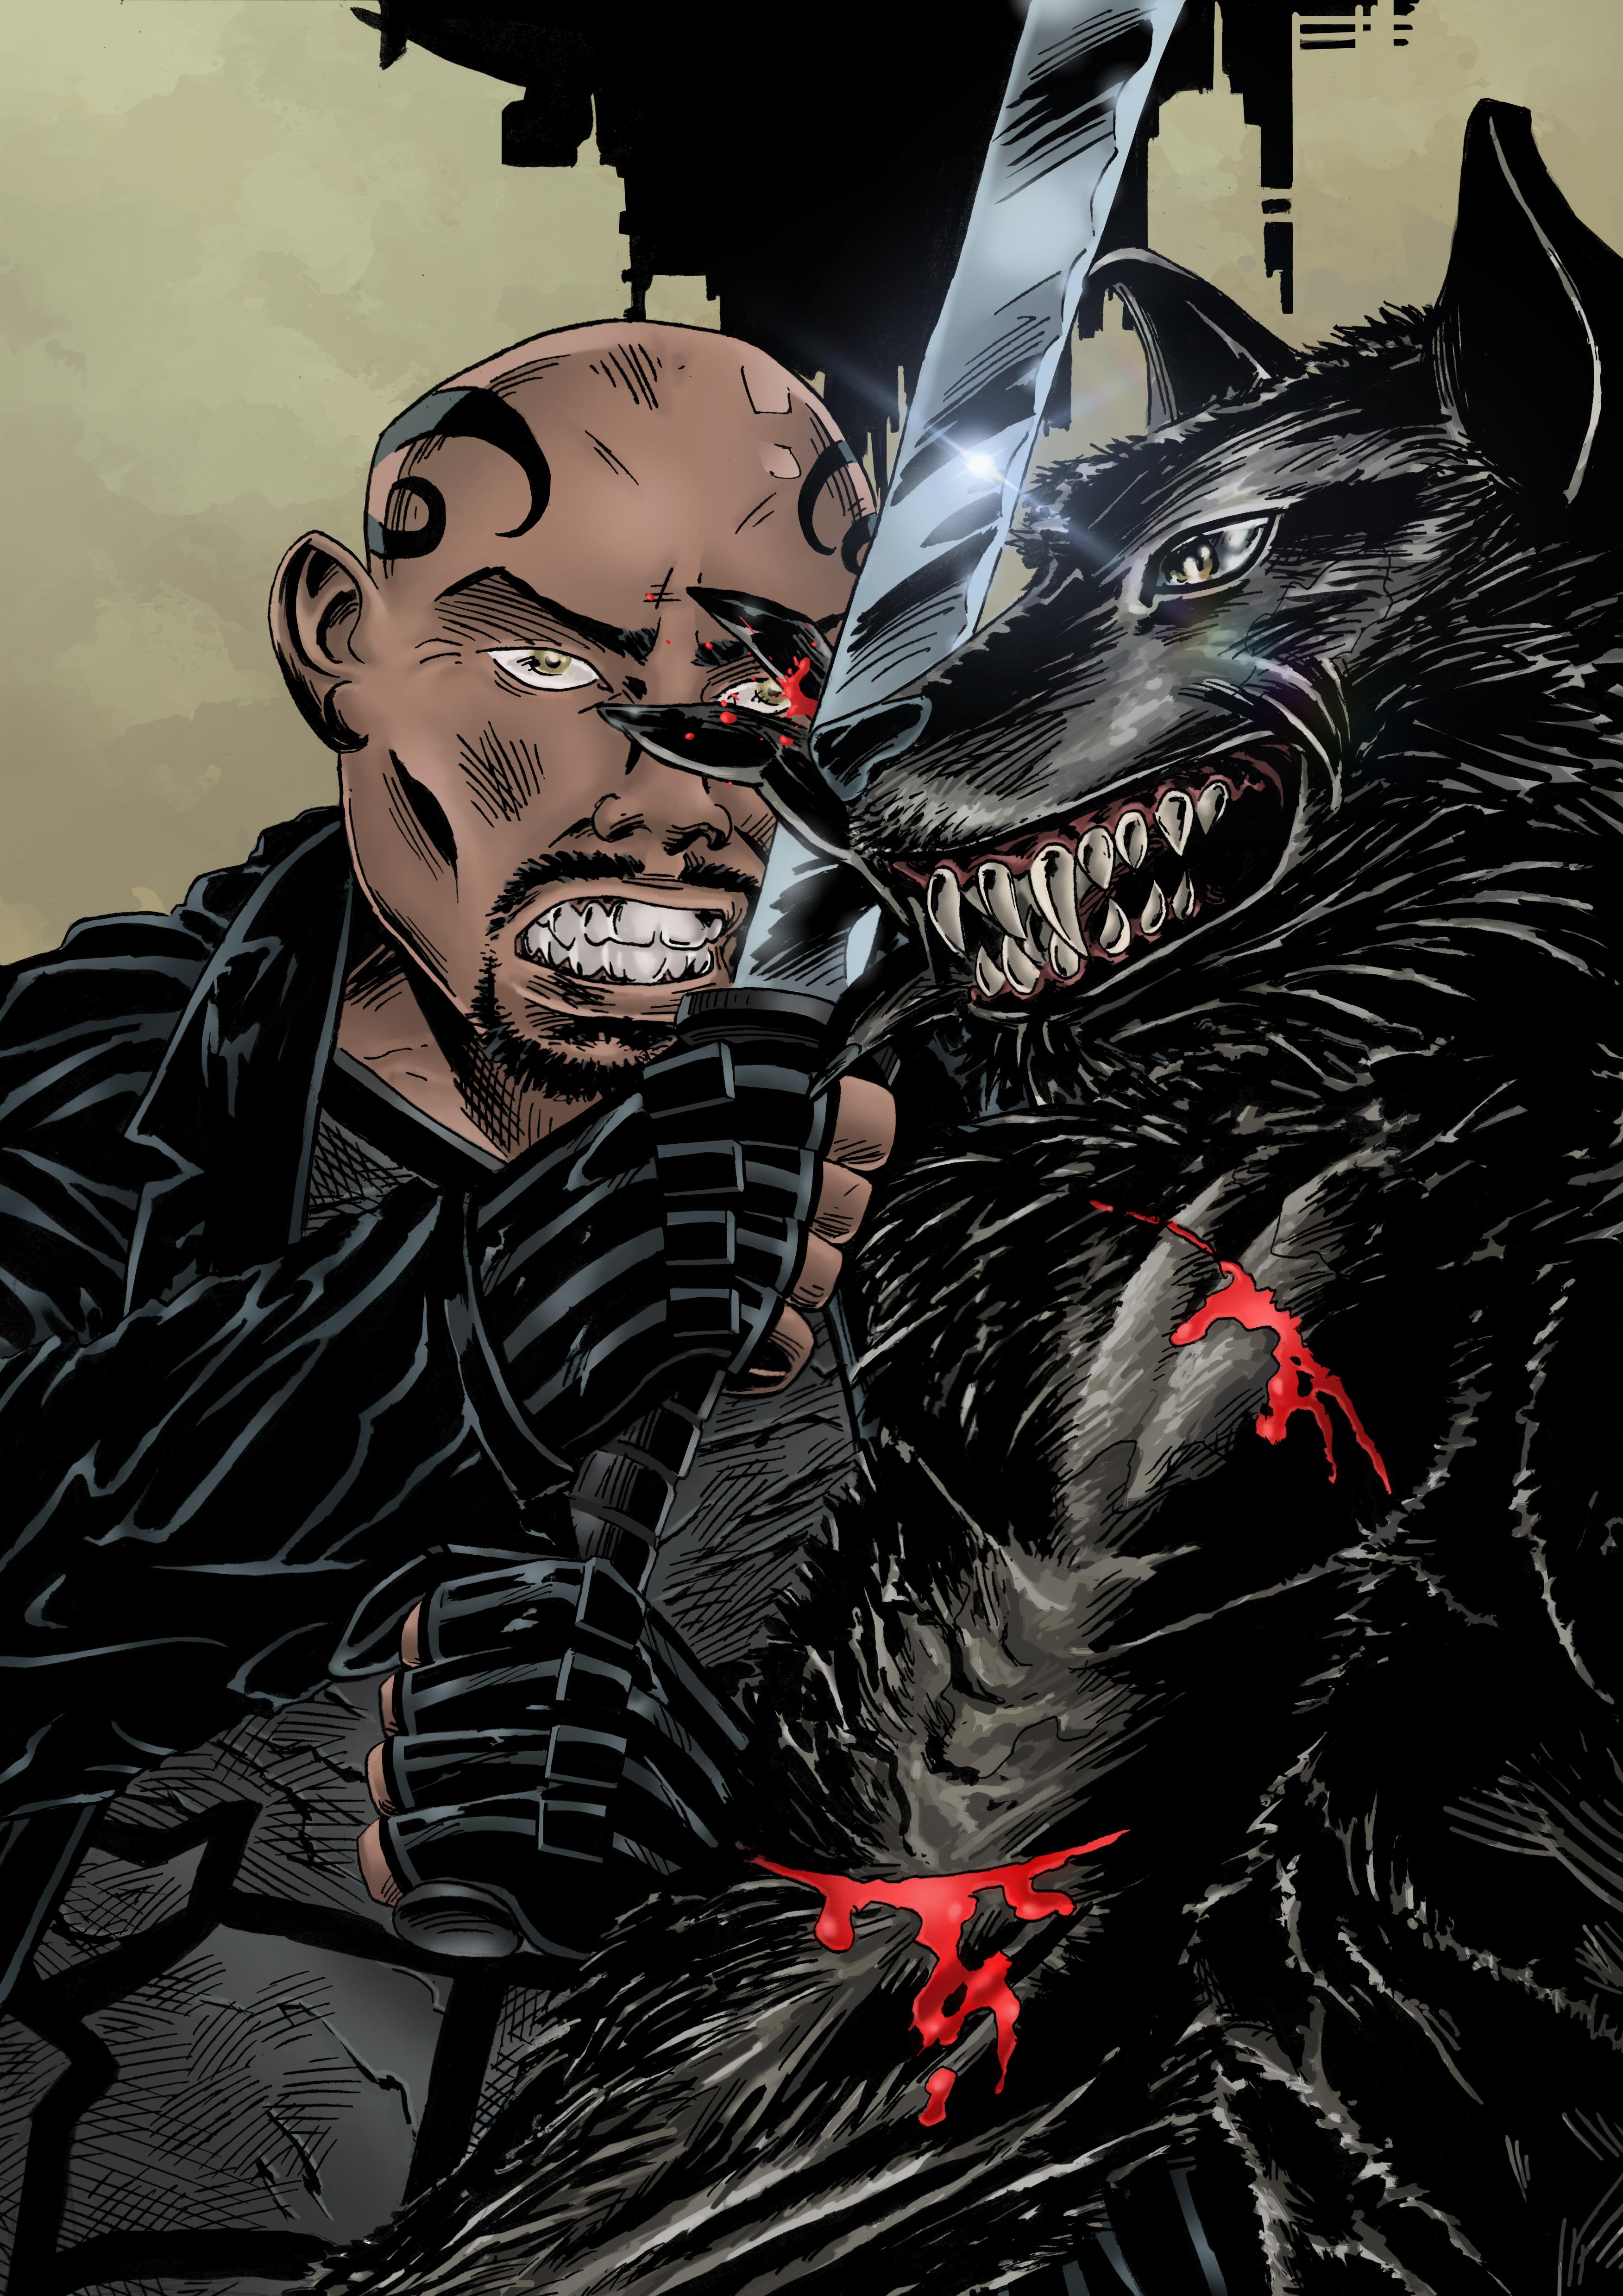 Blade VS Werewolf by Steff00 on DeviantArt